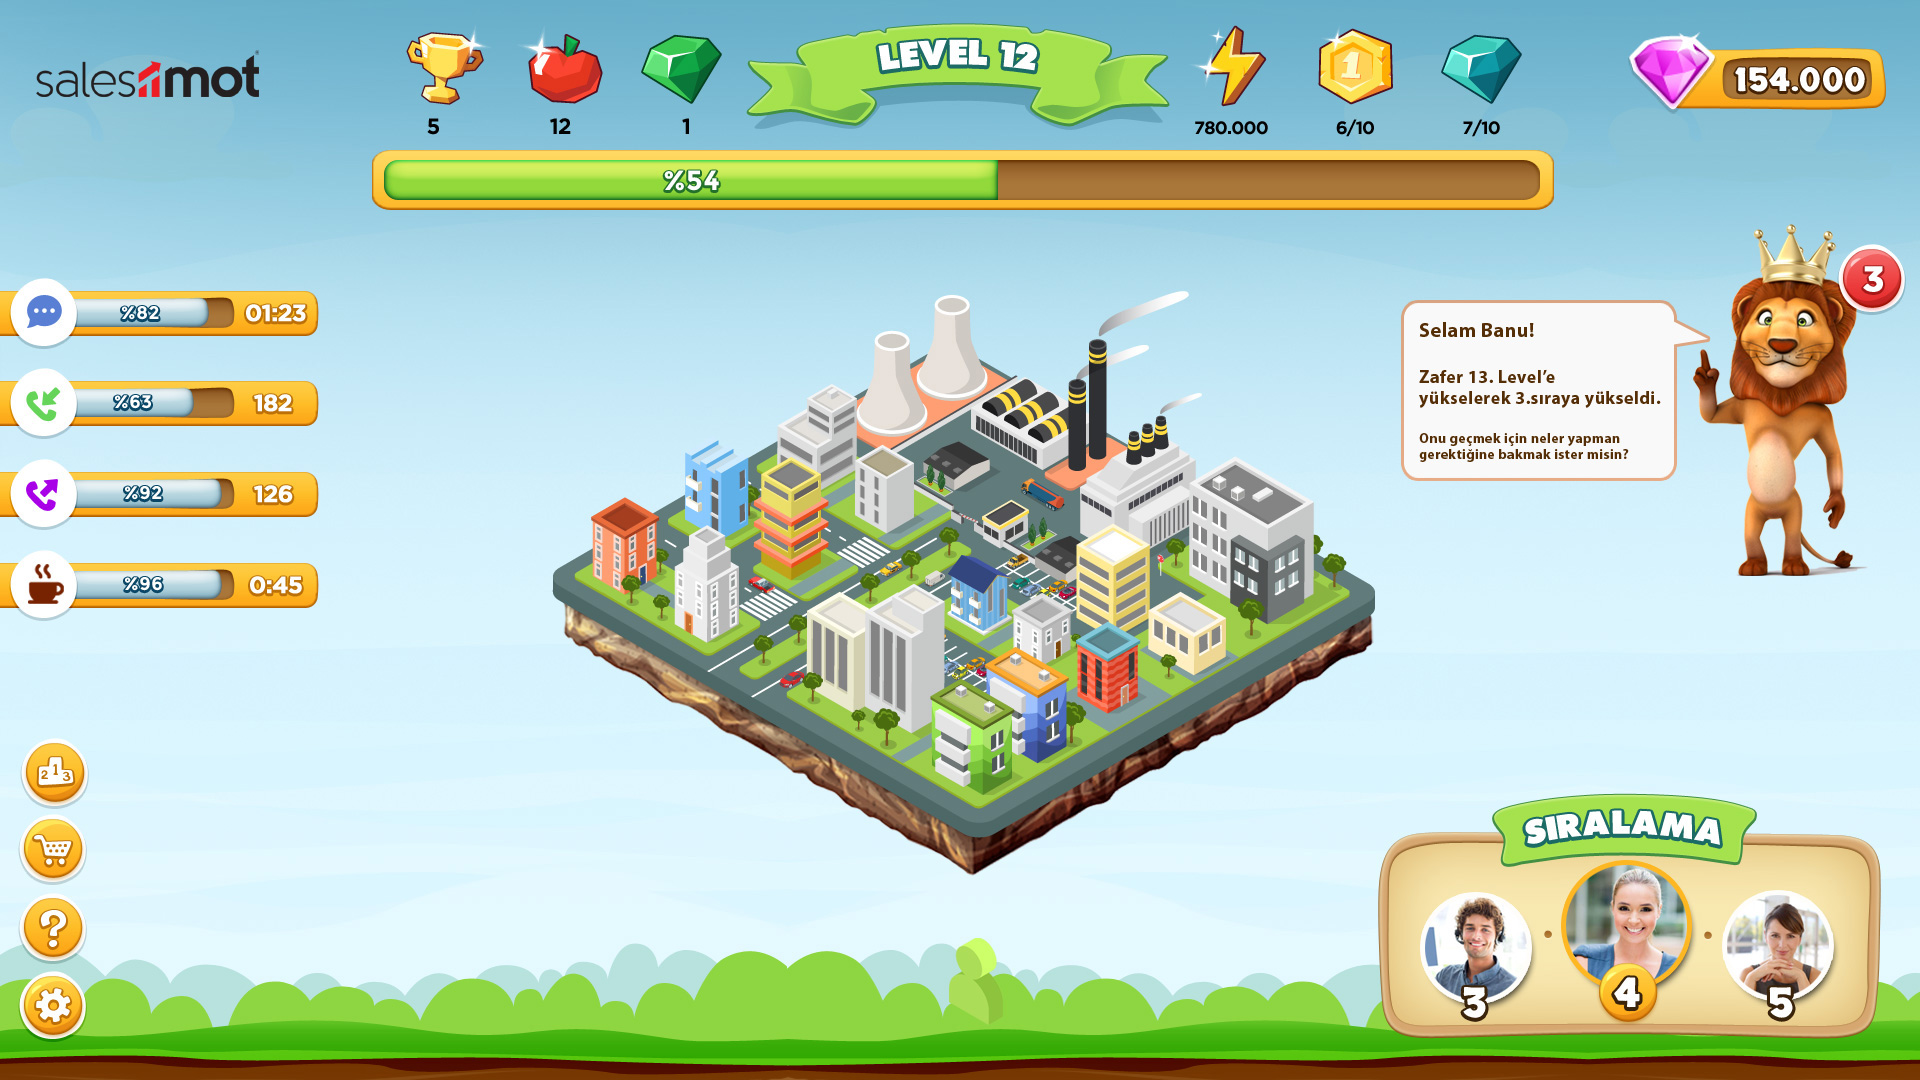 Neyin Nesi: İş Yerinde Satış ve Performansı Artıran Oyunlaştırma Platformu Salesmot